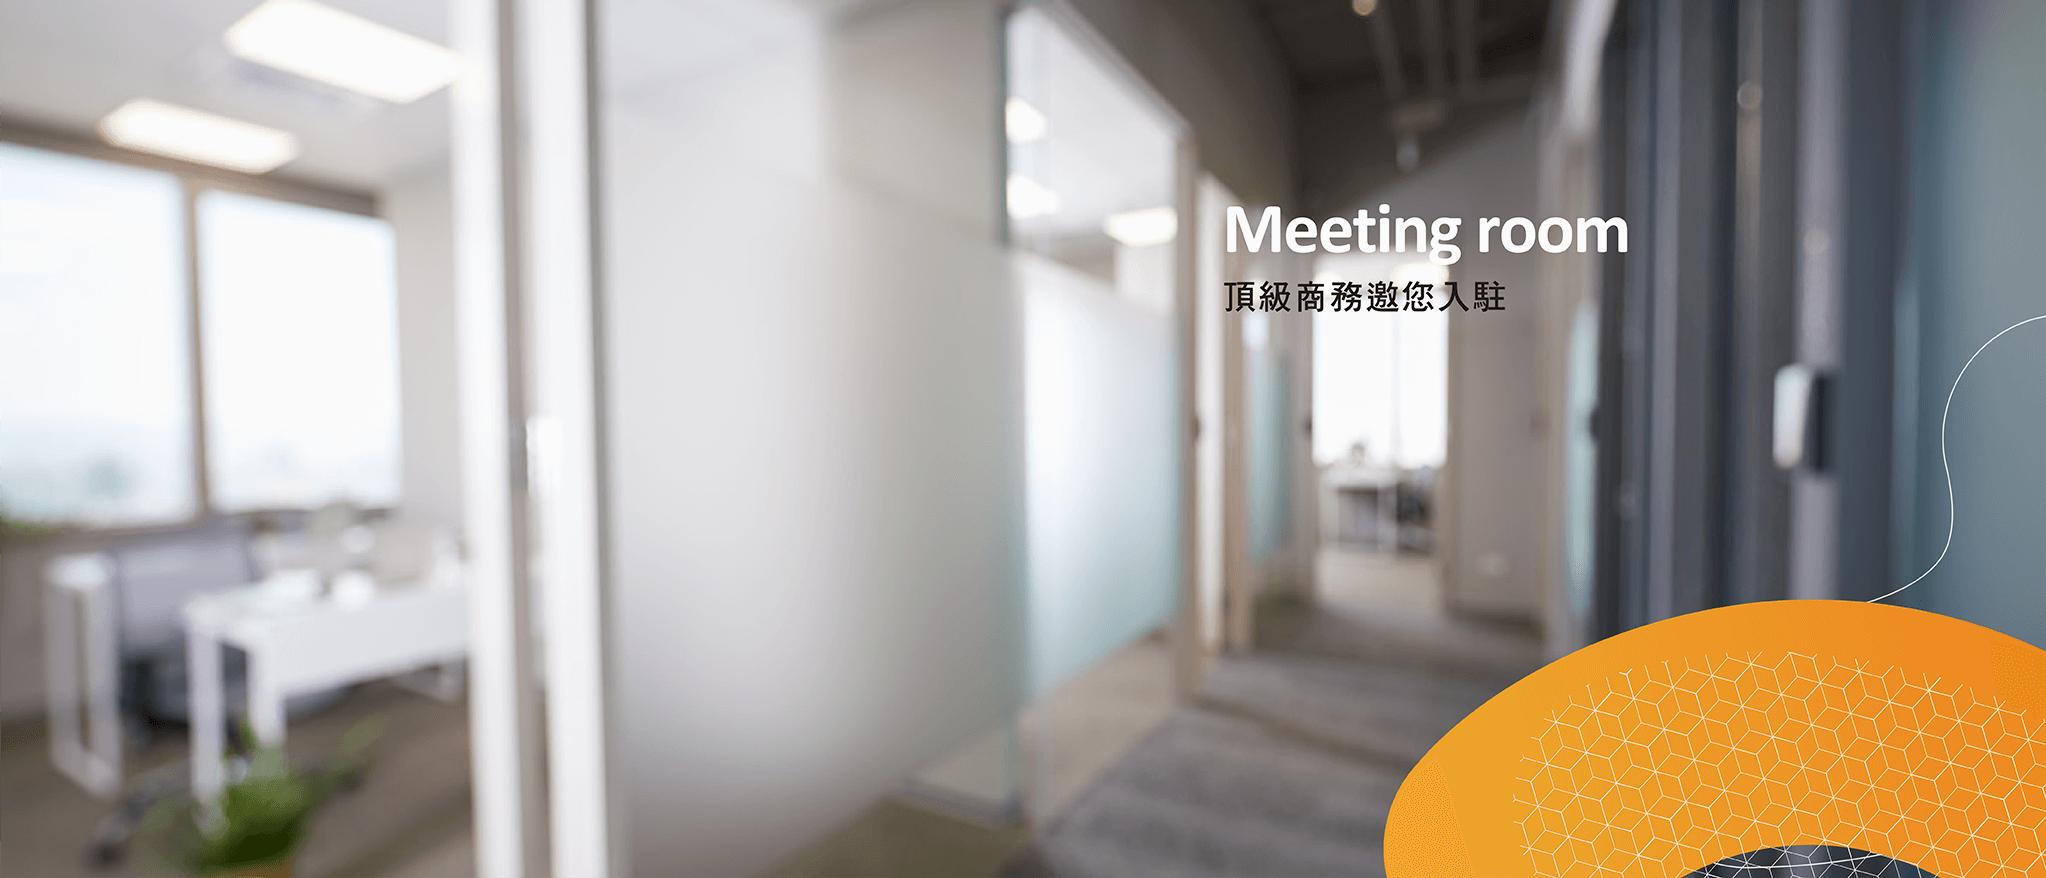 空間據點_台中高峰_小會議室、共享辦公空間、虛擬辦公室-1